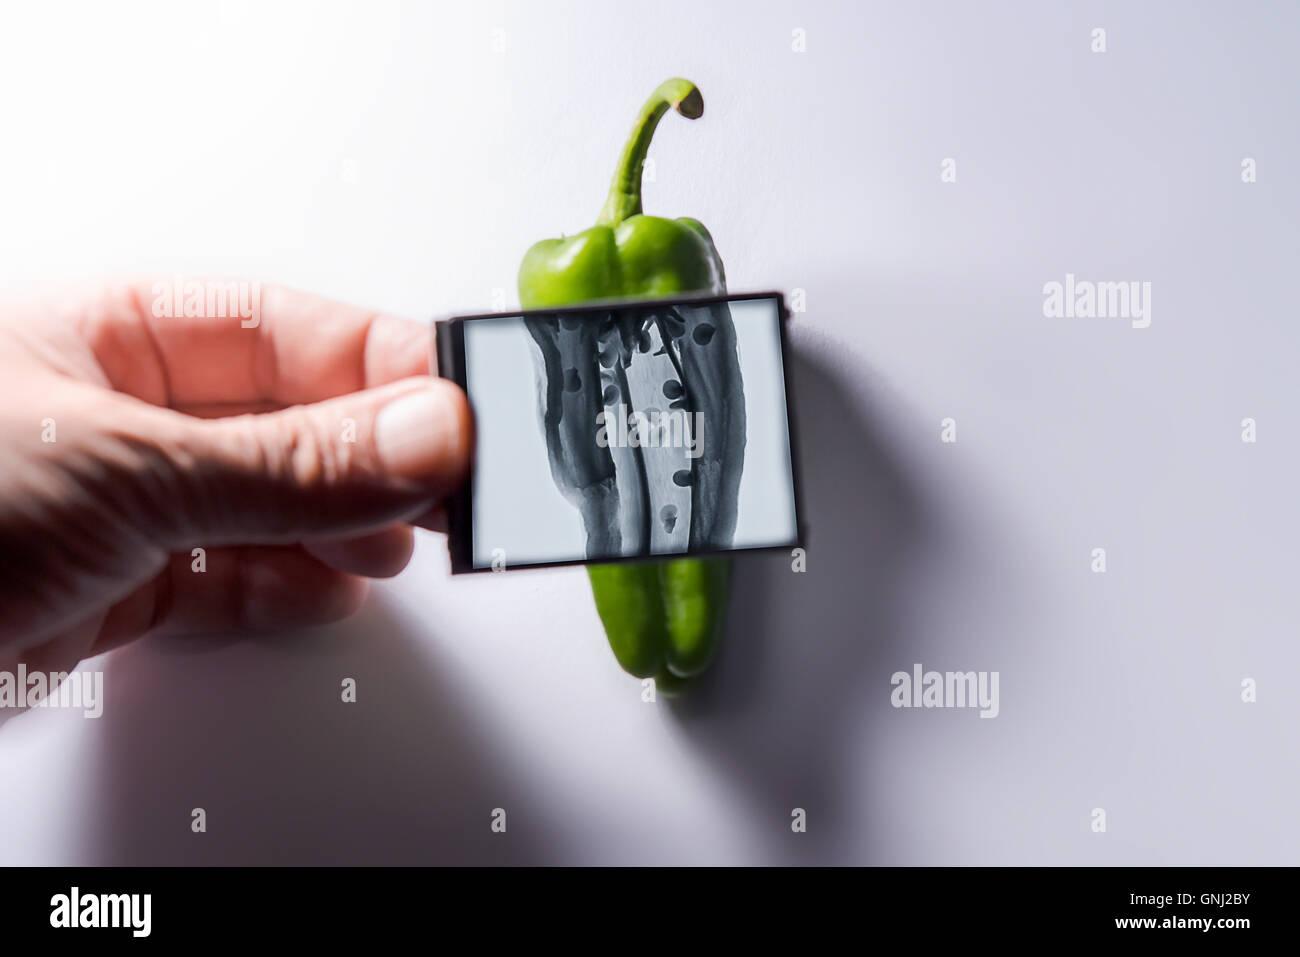 Mano azienda x-ray immagine davanti al pepe verde Immagini Stock